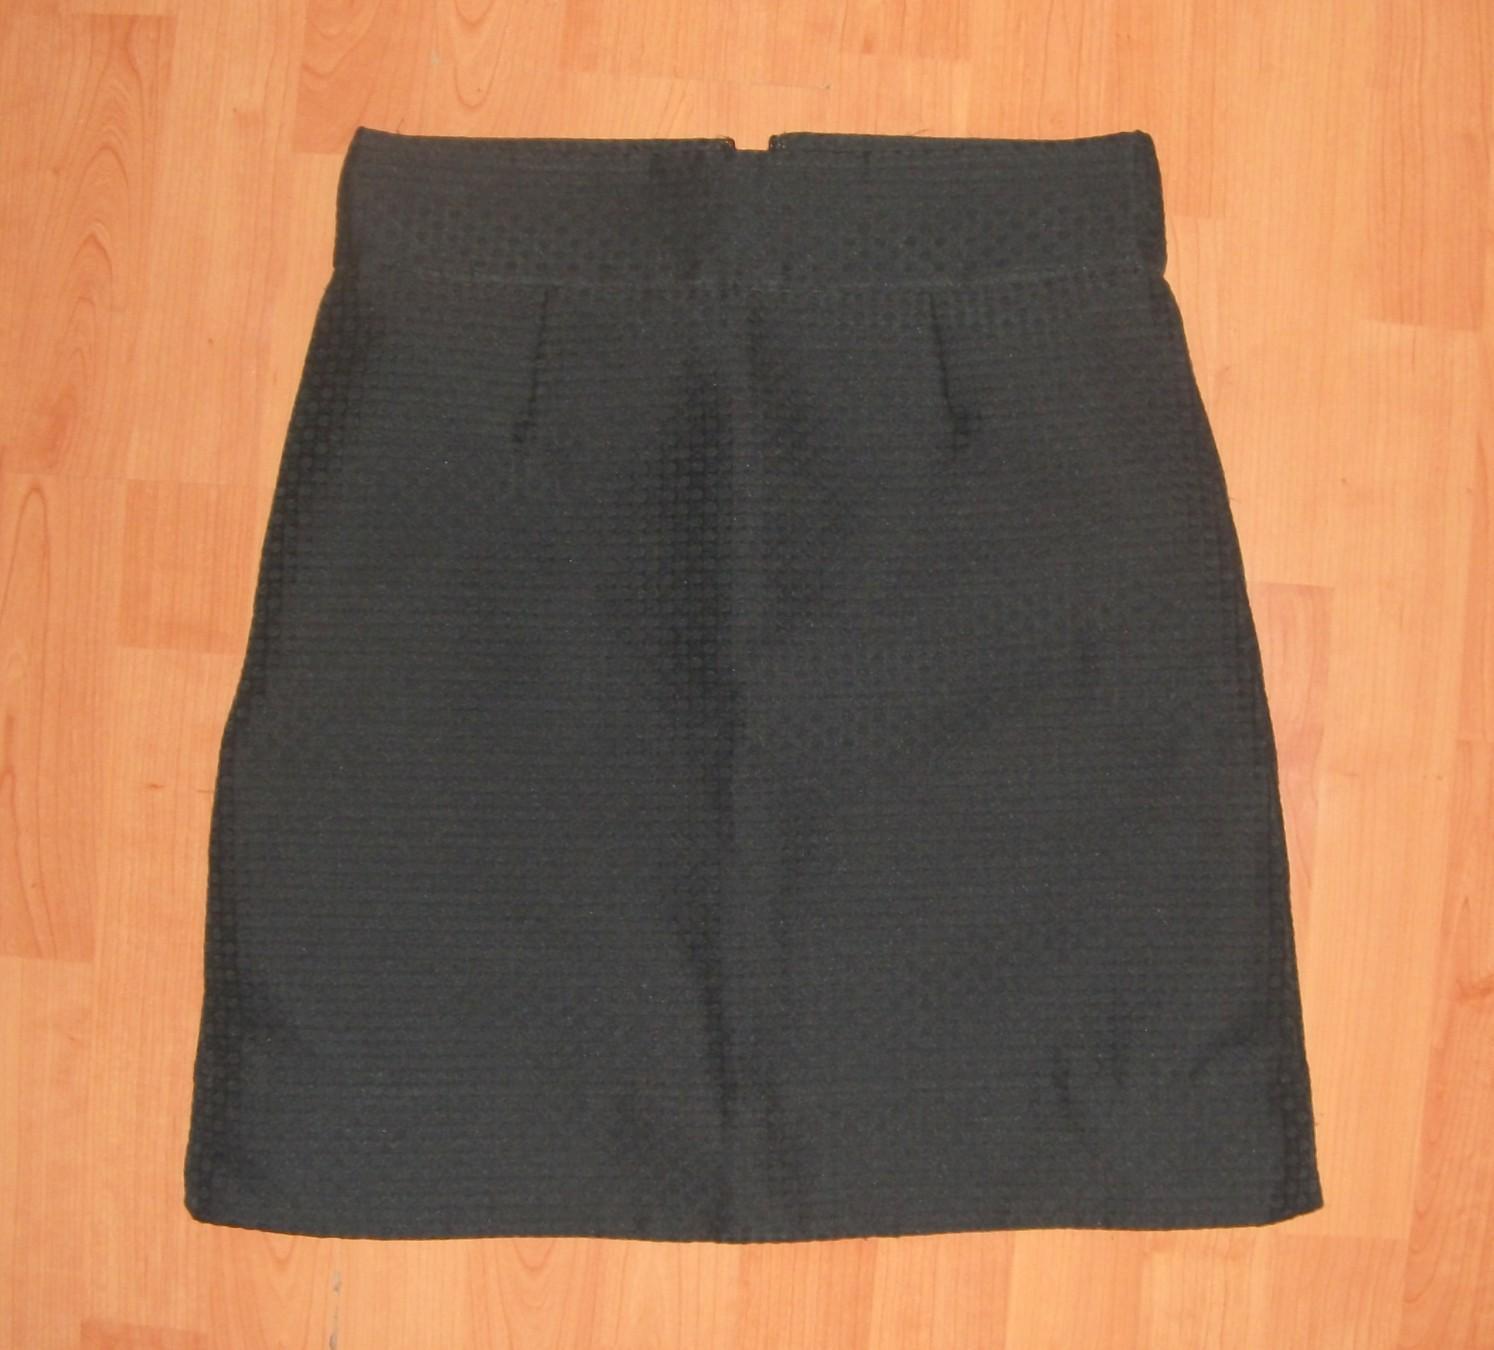 COS áčková sukňa s hodvábom a textúrou New - Obrázok č. 1